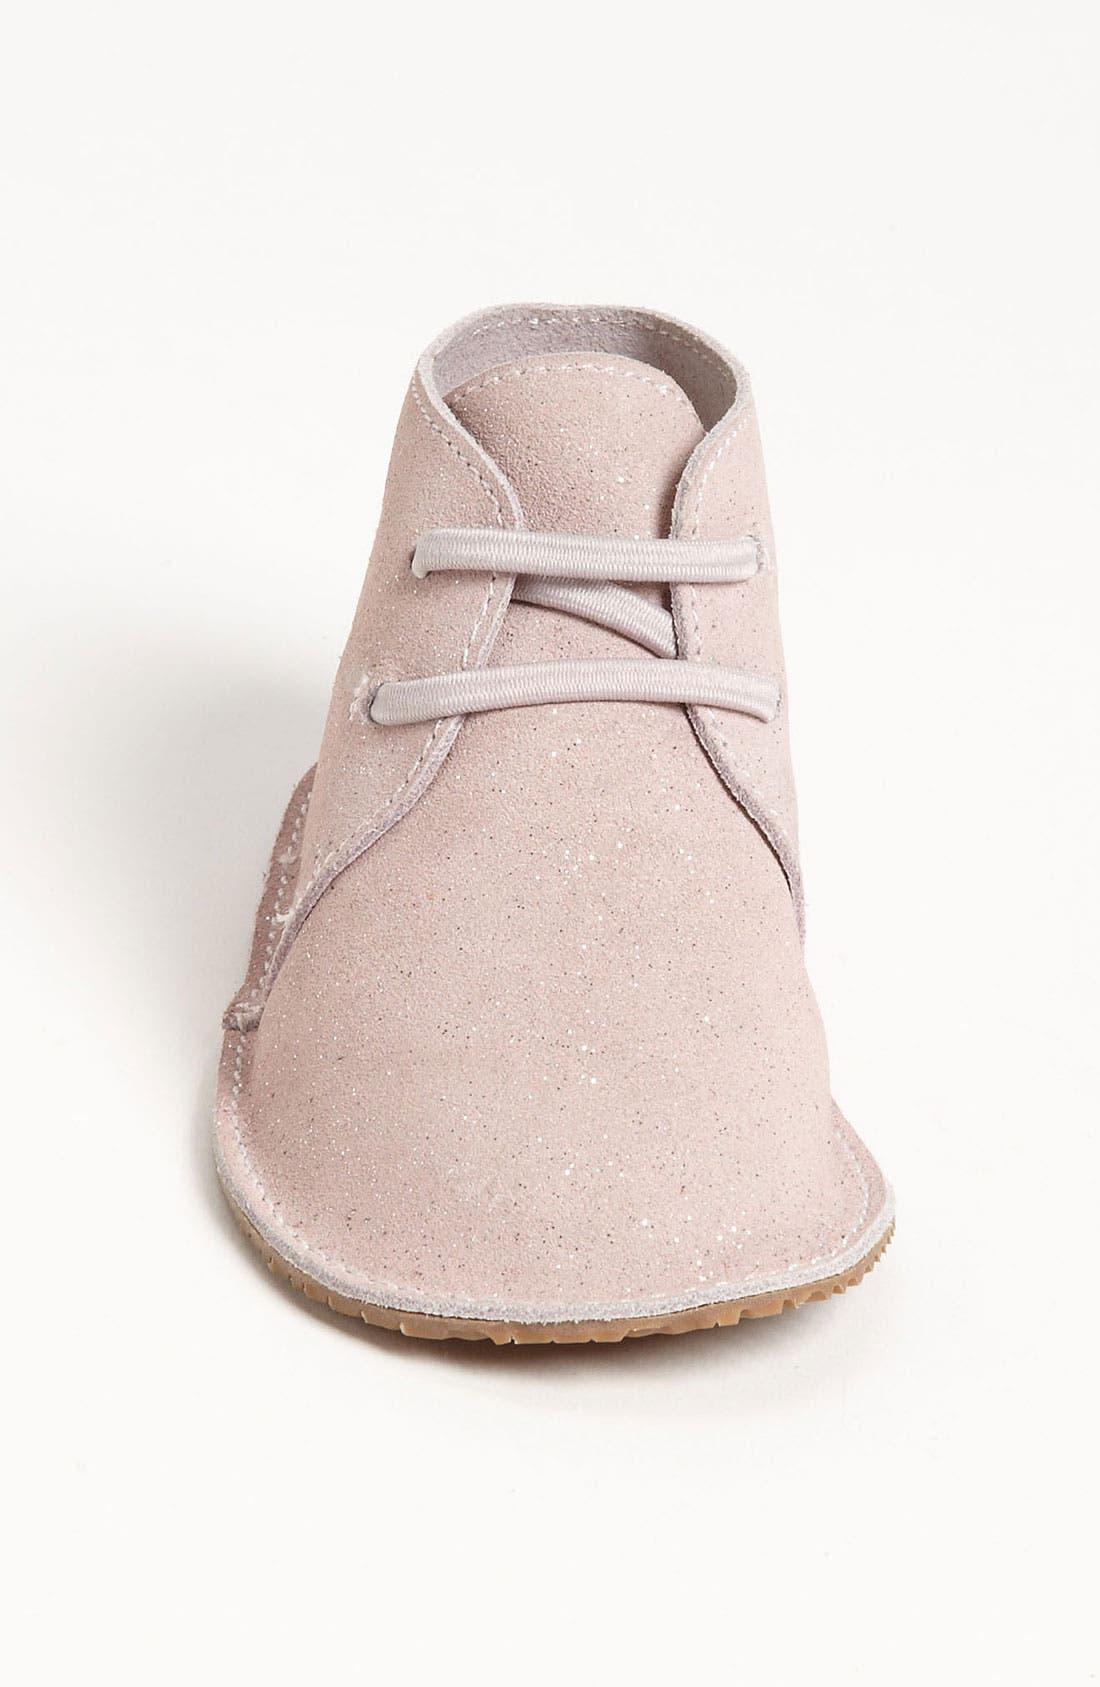 Alternate Image 3  - Cole Haan 'Mini' Chukka Boot (Baby)